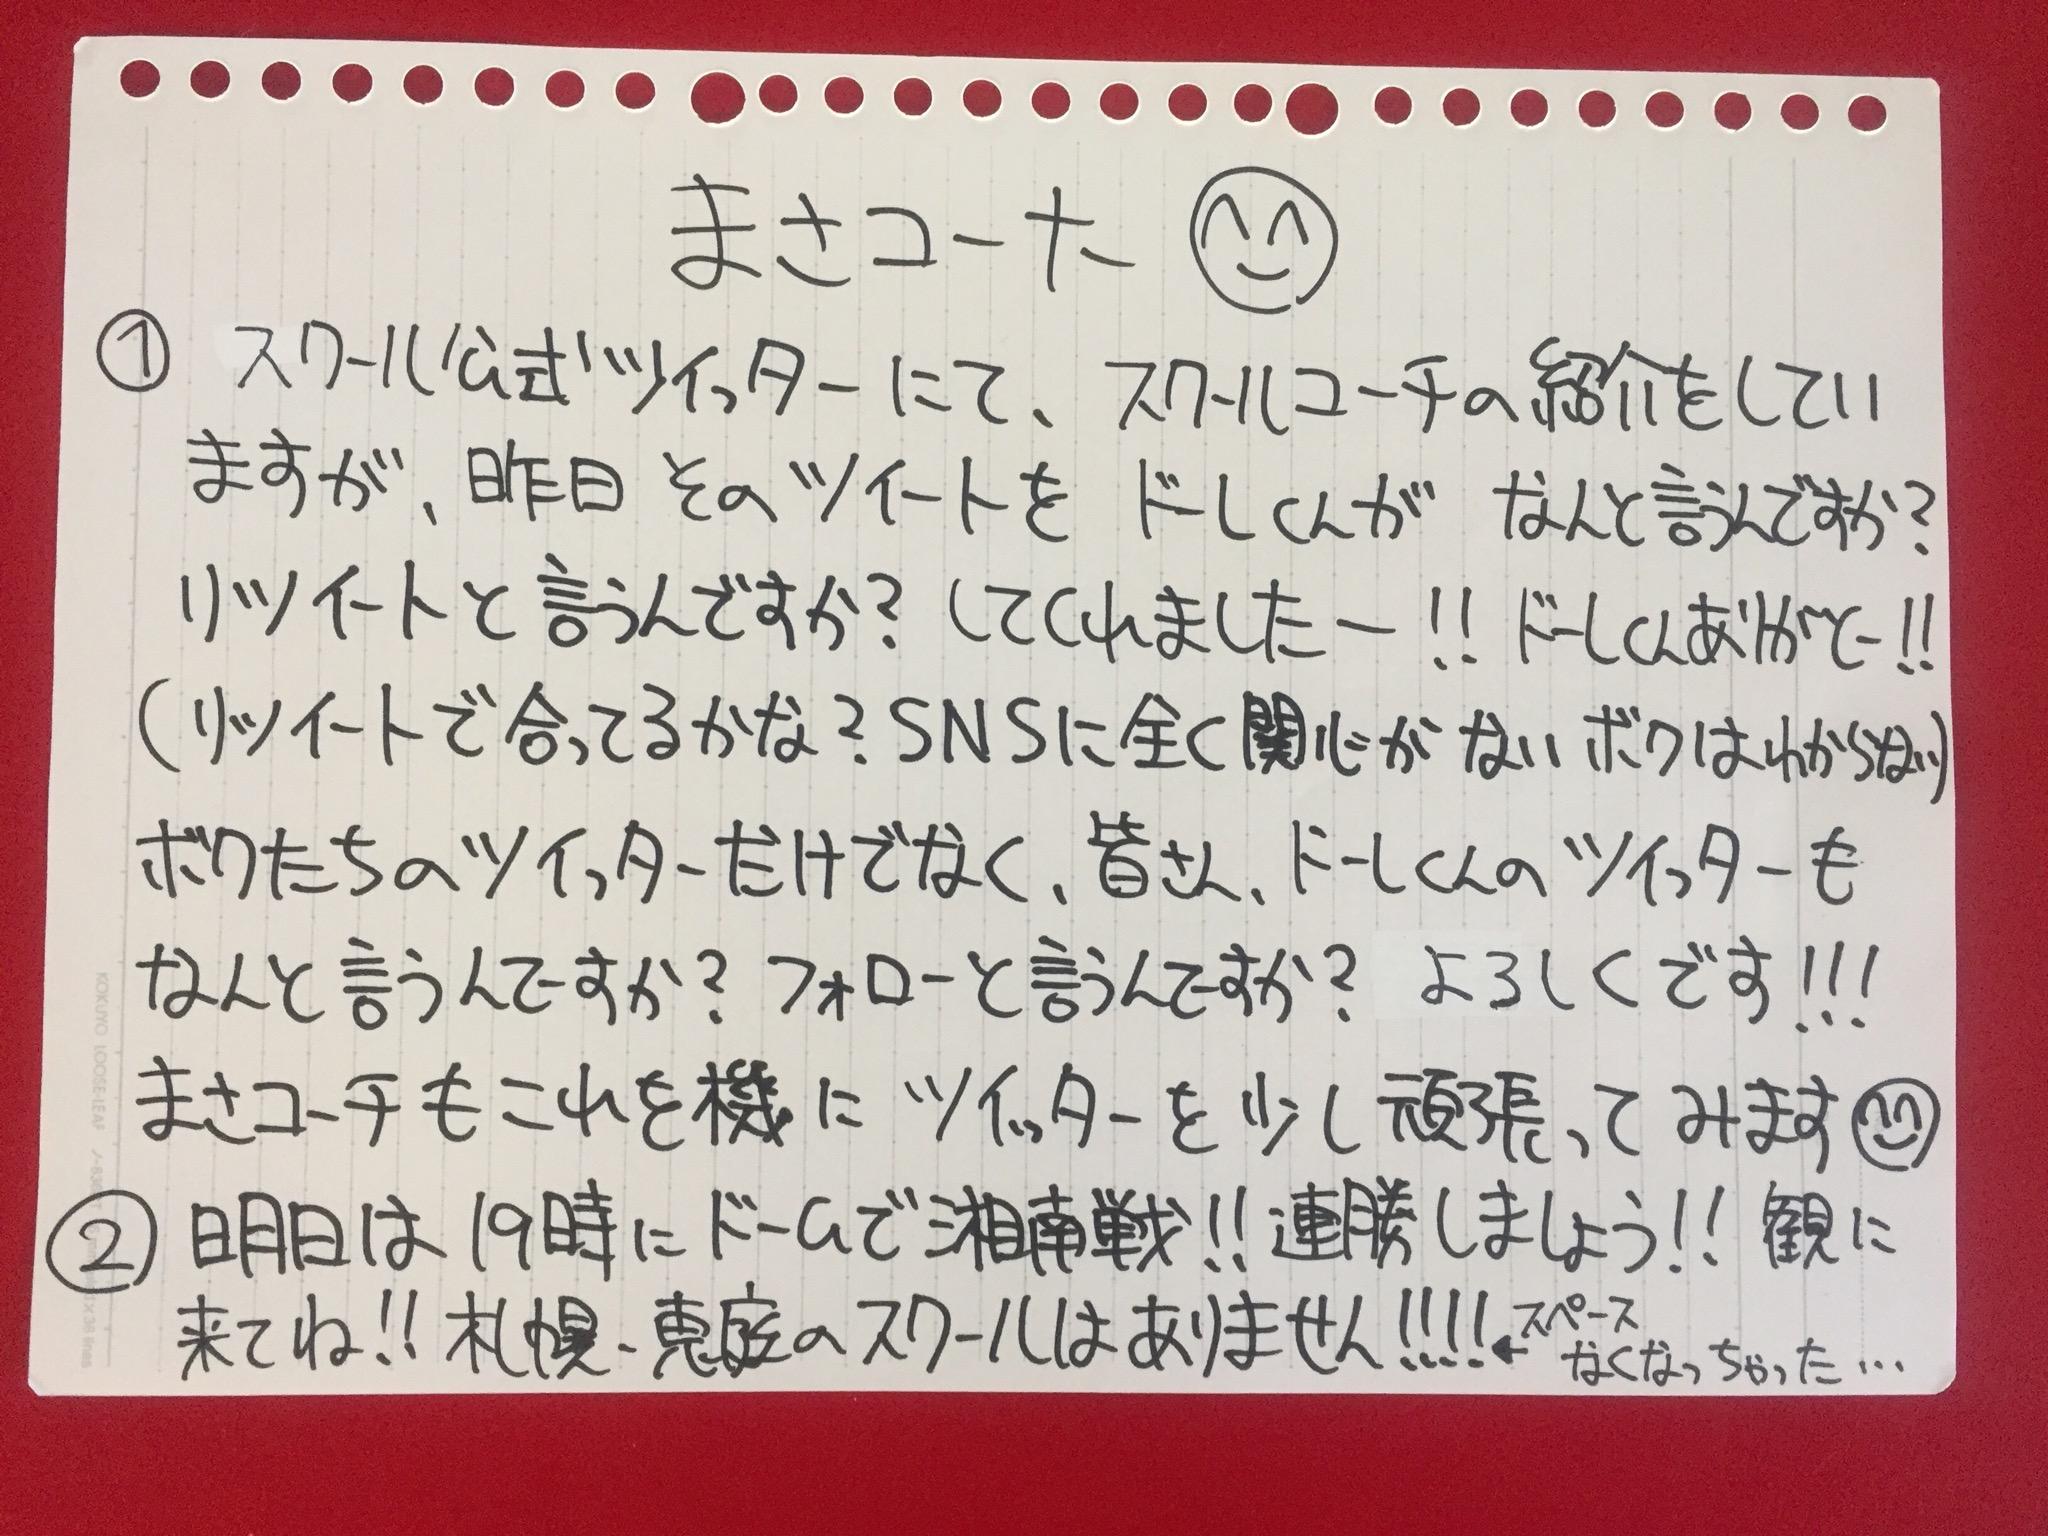 http://chsc.jp/report/up_images/9052D163-83A1-4952-8D82-D5575DA8C489.jpeg